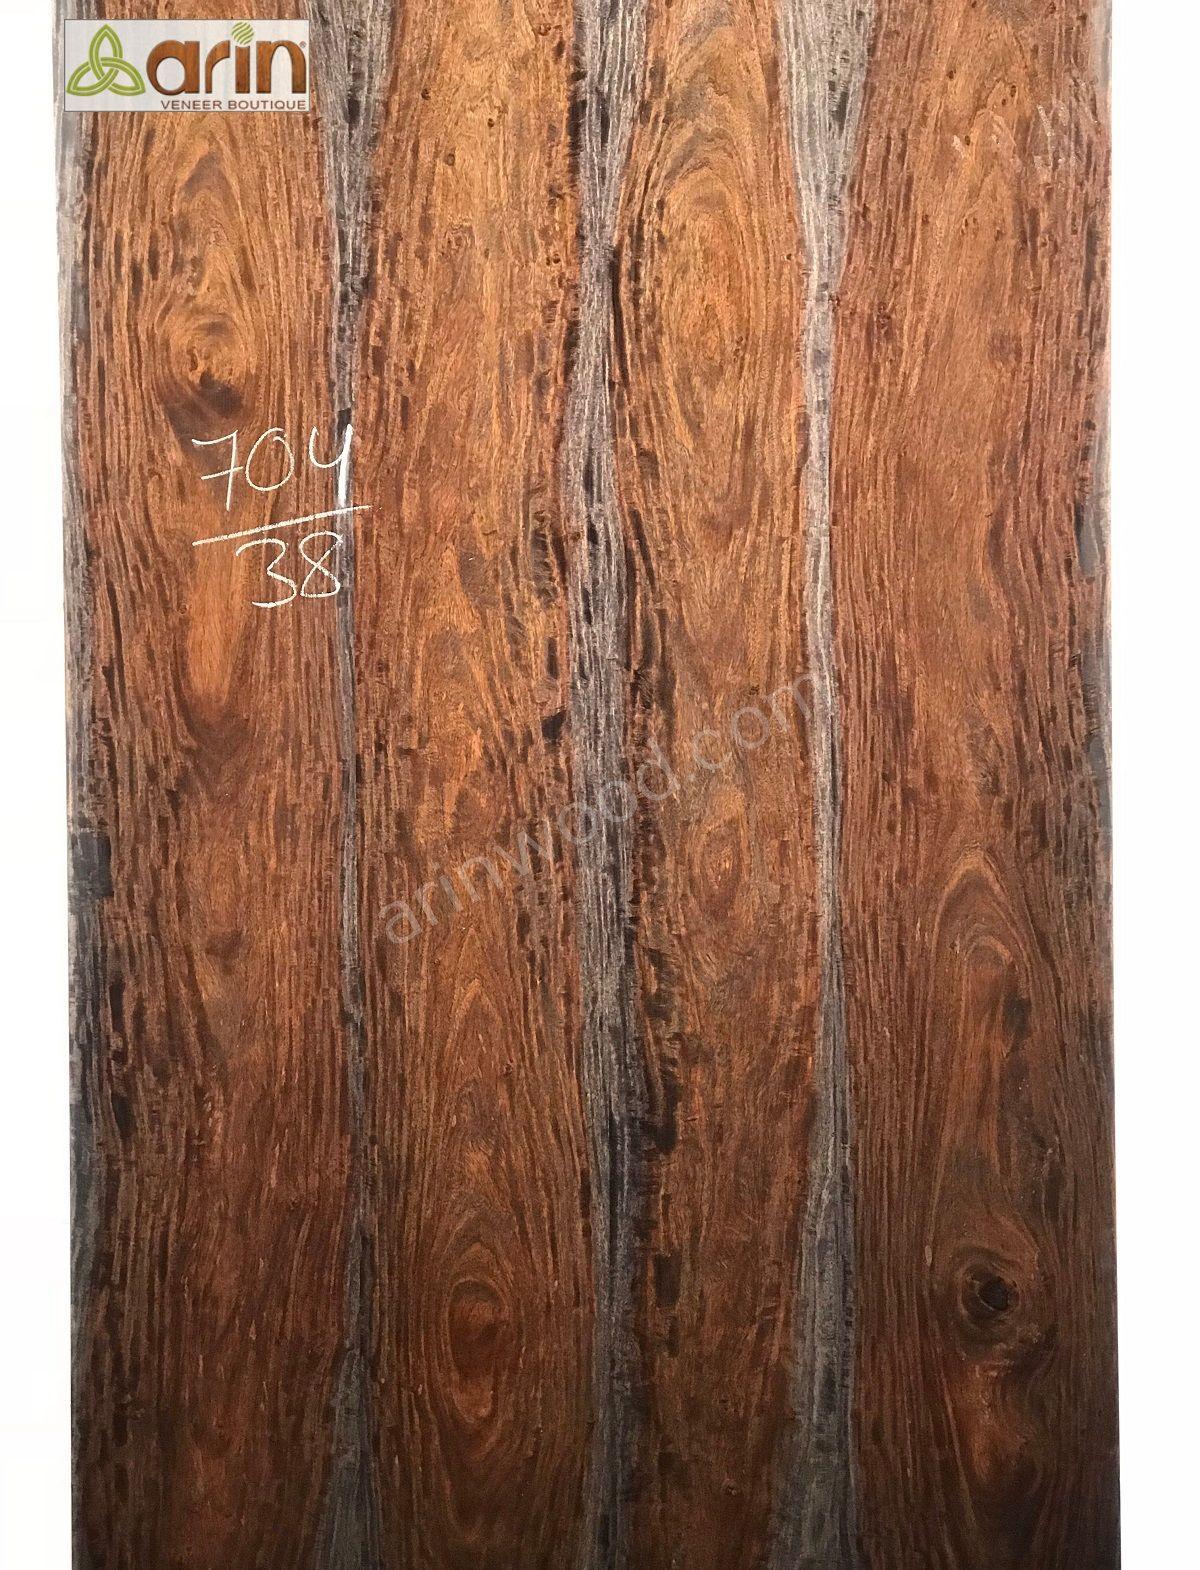 Pin By Arin Wood Veneer Boutique On Metallic Veneer